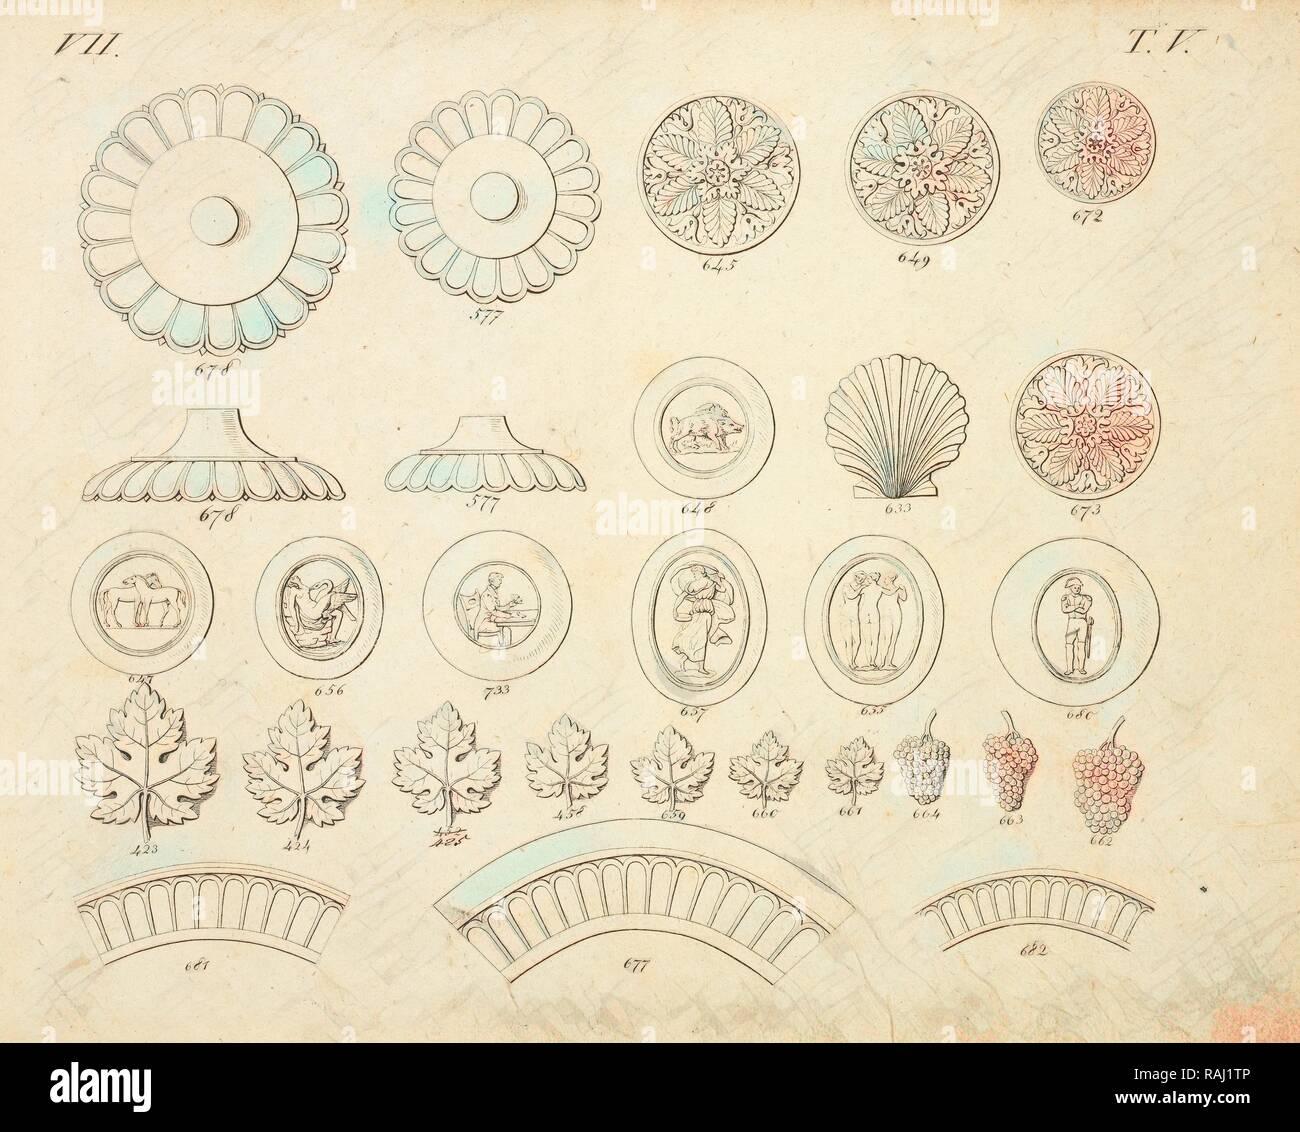 Shell and floral ornaments, Abbildungen von geprägten Ornamenten: Heft I-XII, Bruckmann, Peter, Engraving, between reimagined - Stock Image